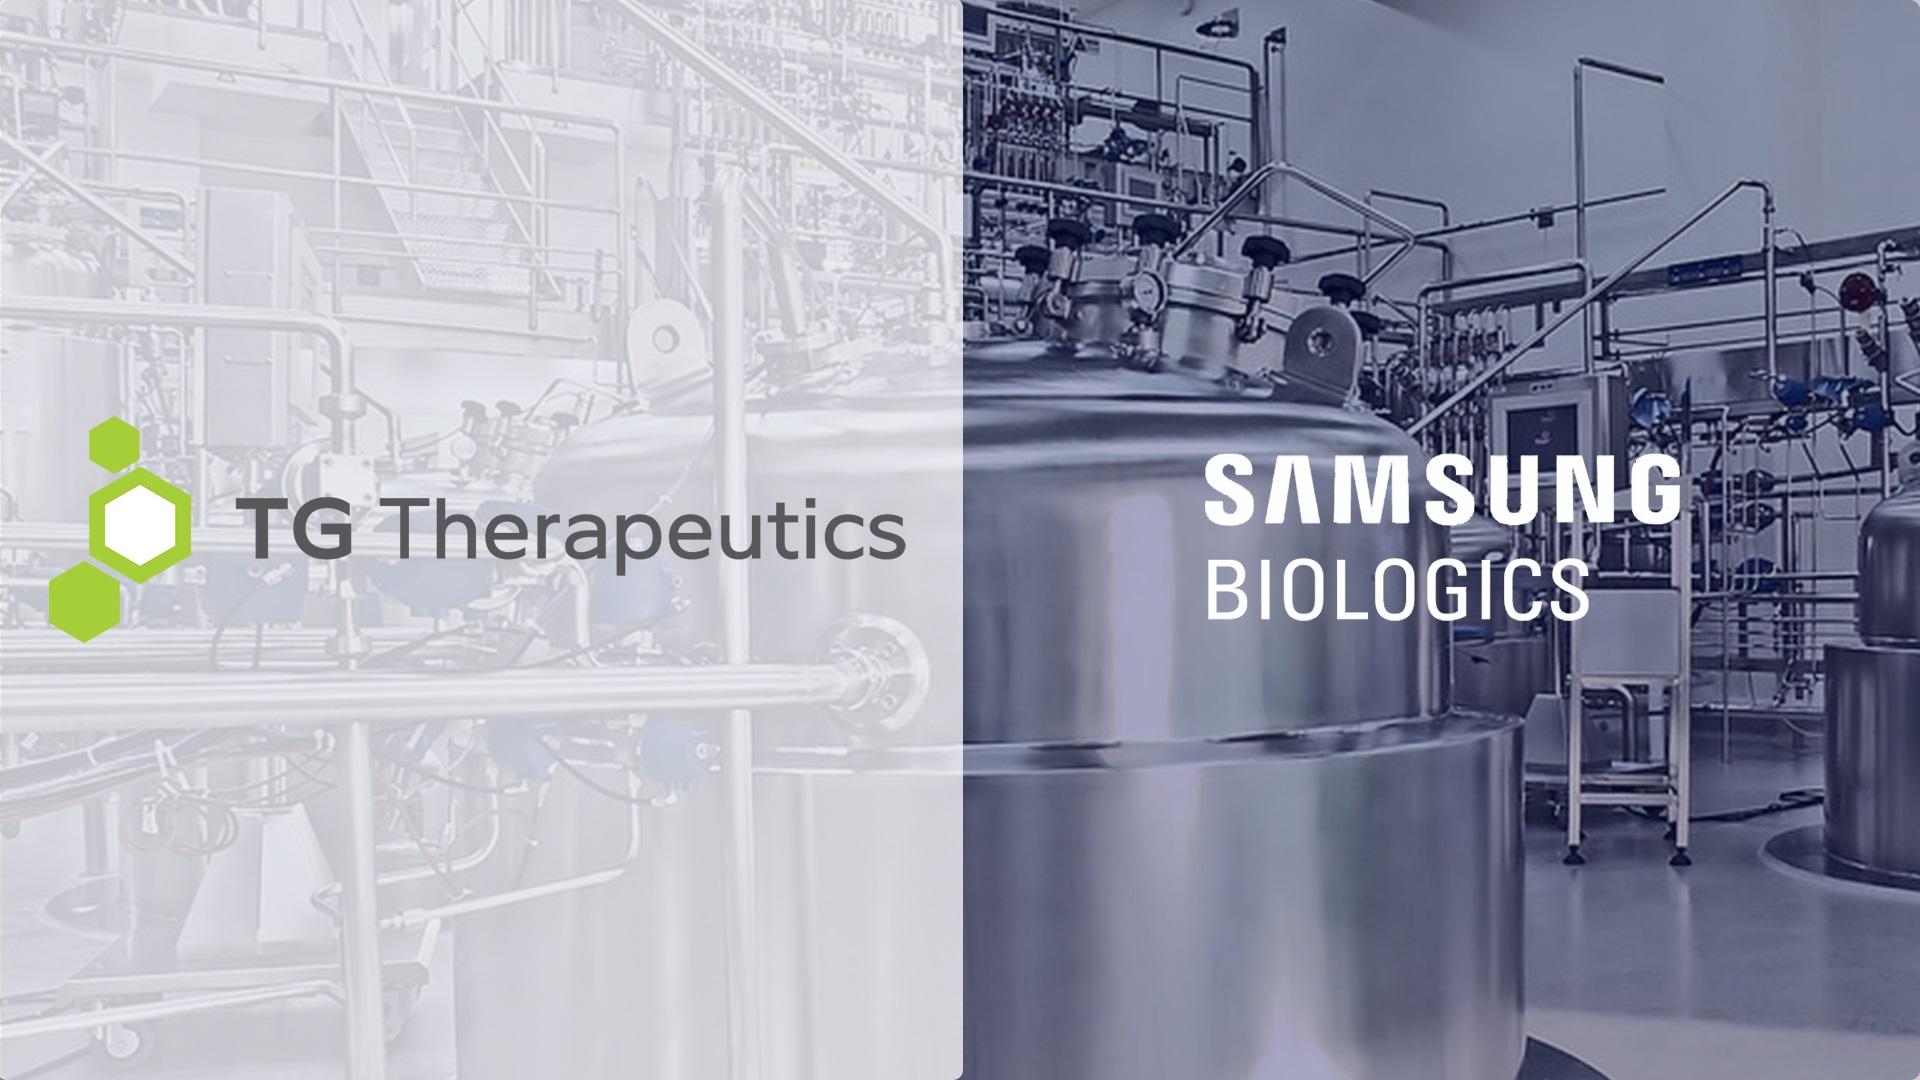 TG_Samsung_Partnership_Image.jpg